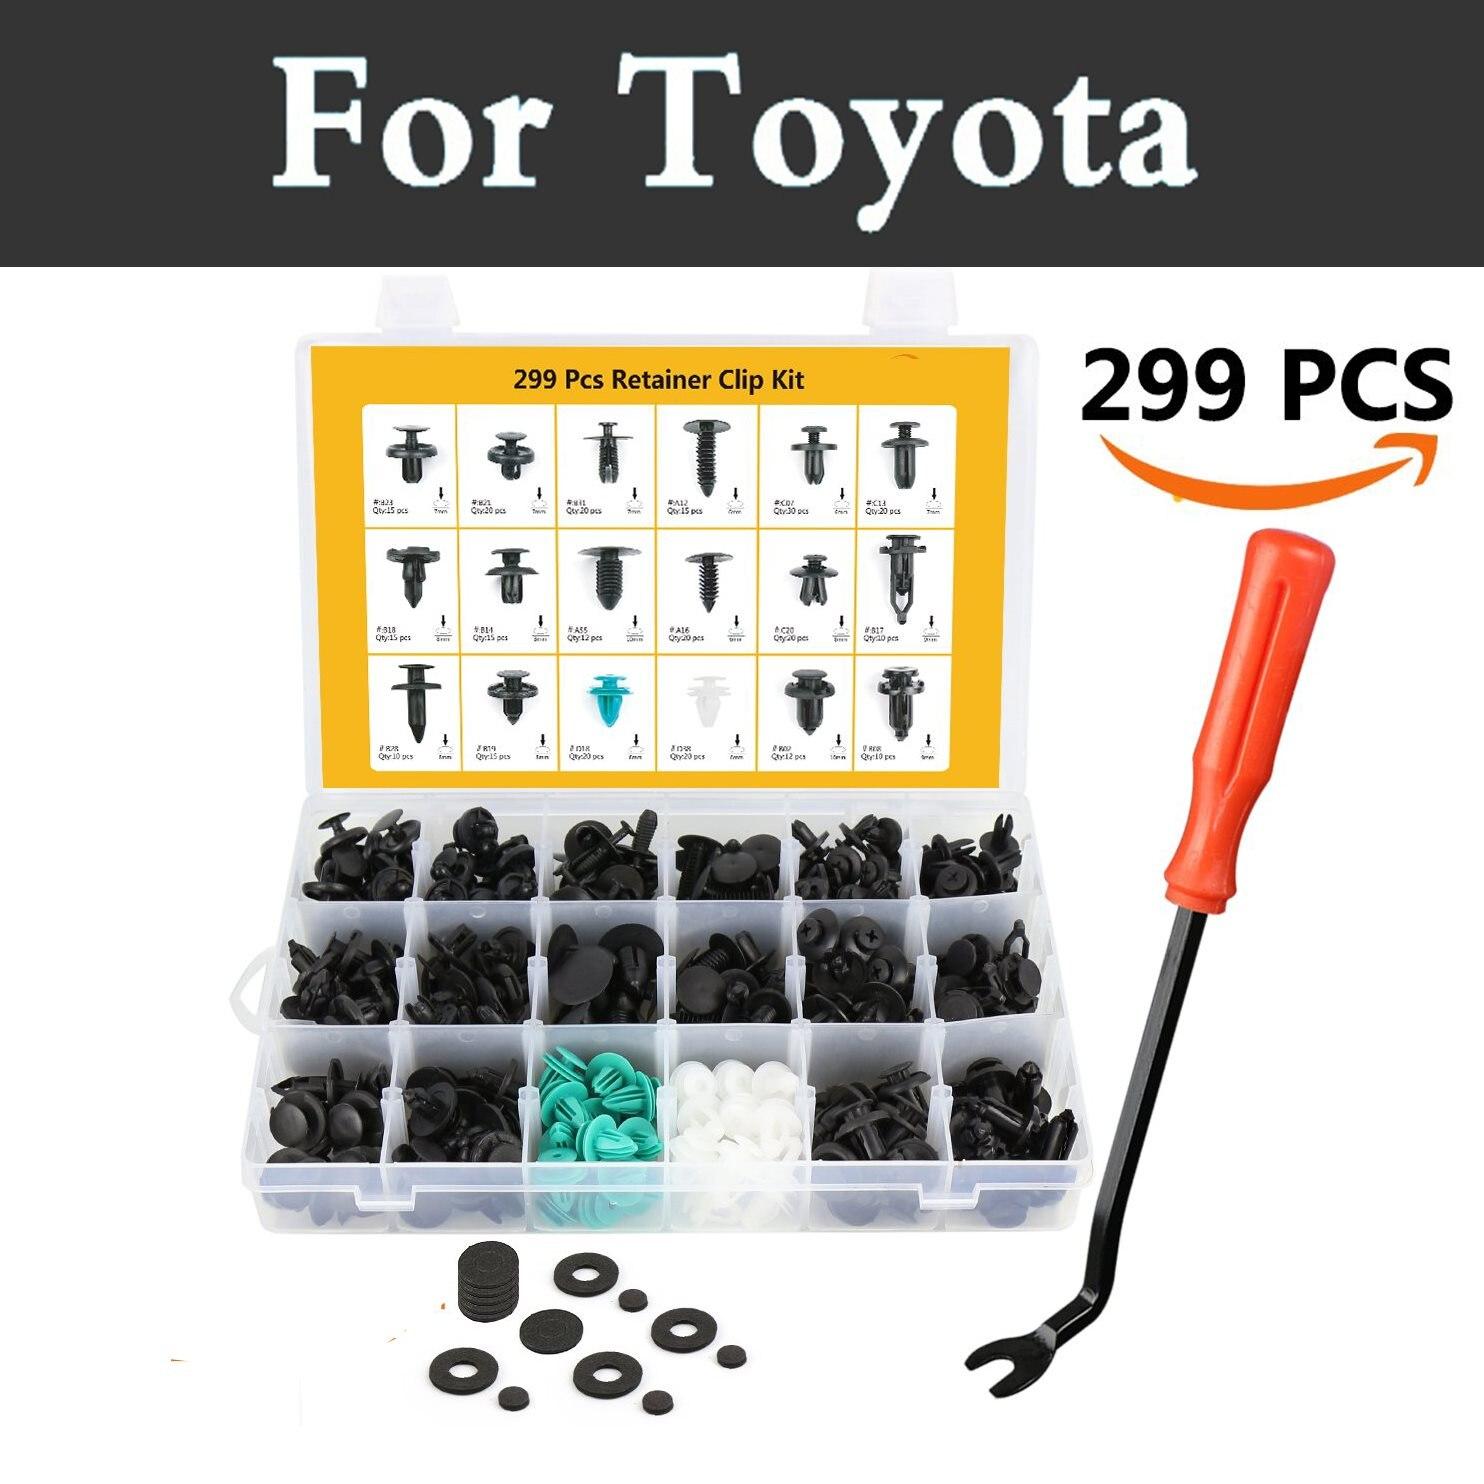 299x/Boîte De Voiture Pare-chocs Fixation Rivet Clip Assortiment Retenue Rivets Pour Toyota Prius C Probox Progres Pronard Rav 4 Rush Sai